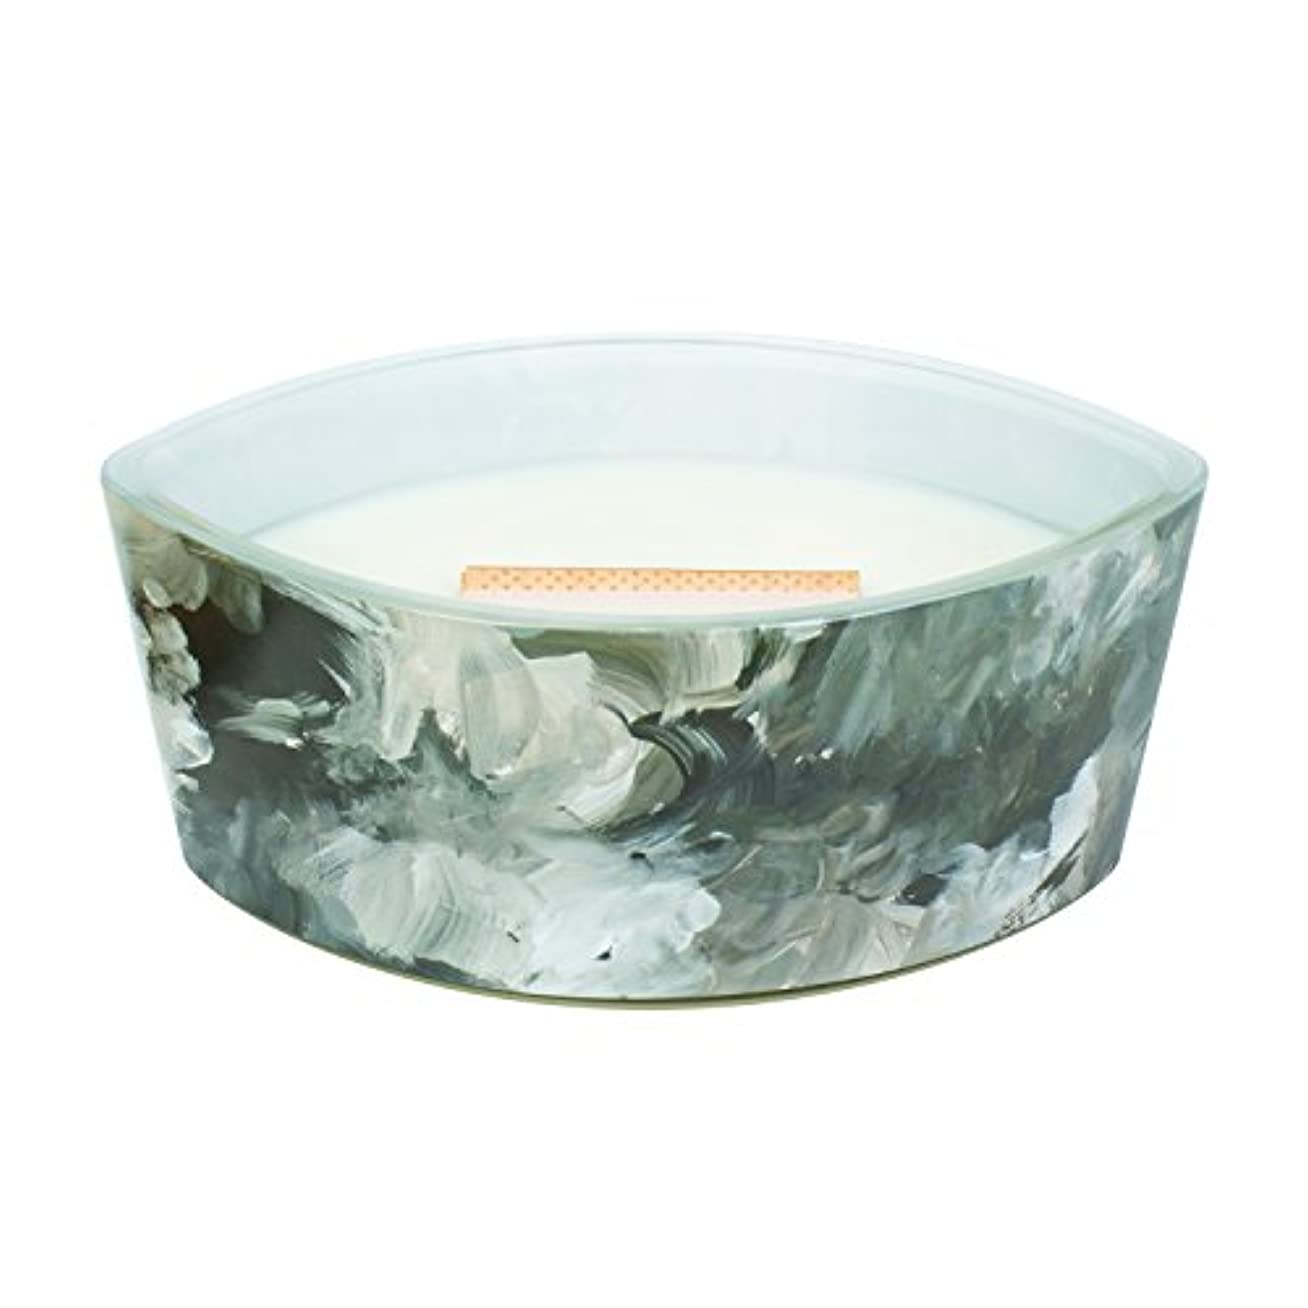 交差点ペルーとげブラックオレンジCitrus – アーティザンコレクション楕円WoodWick香りつきJar Candle